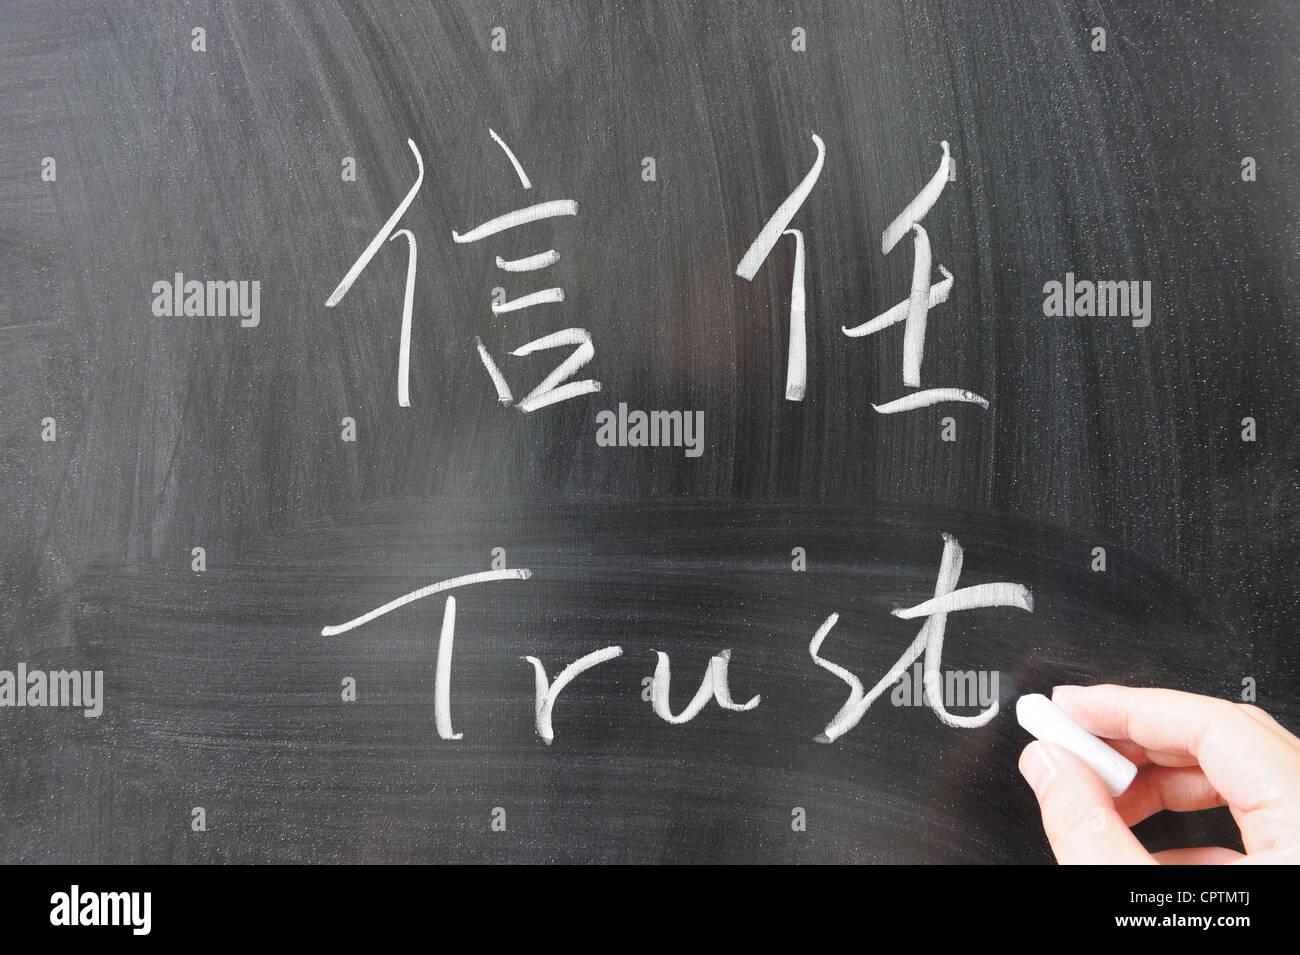 Trust mot en chinois et en anglais écrites au tableau Photo Stock